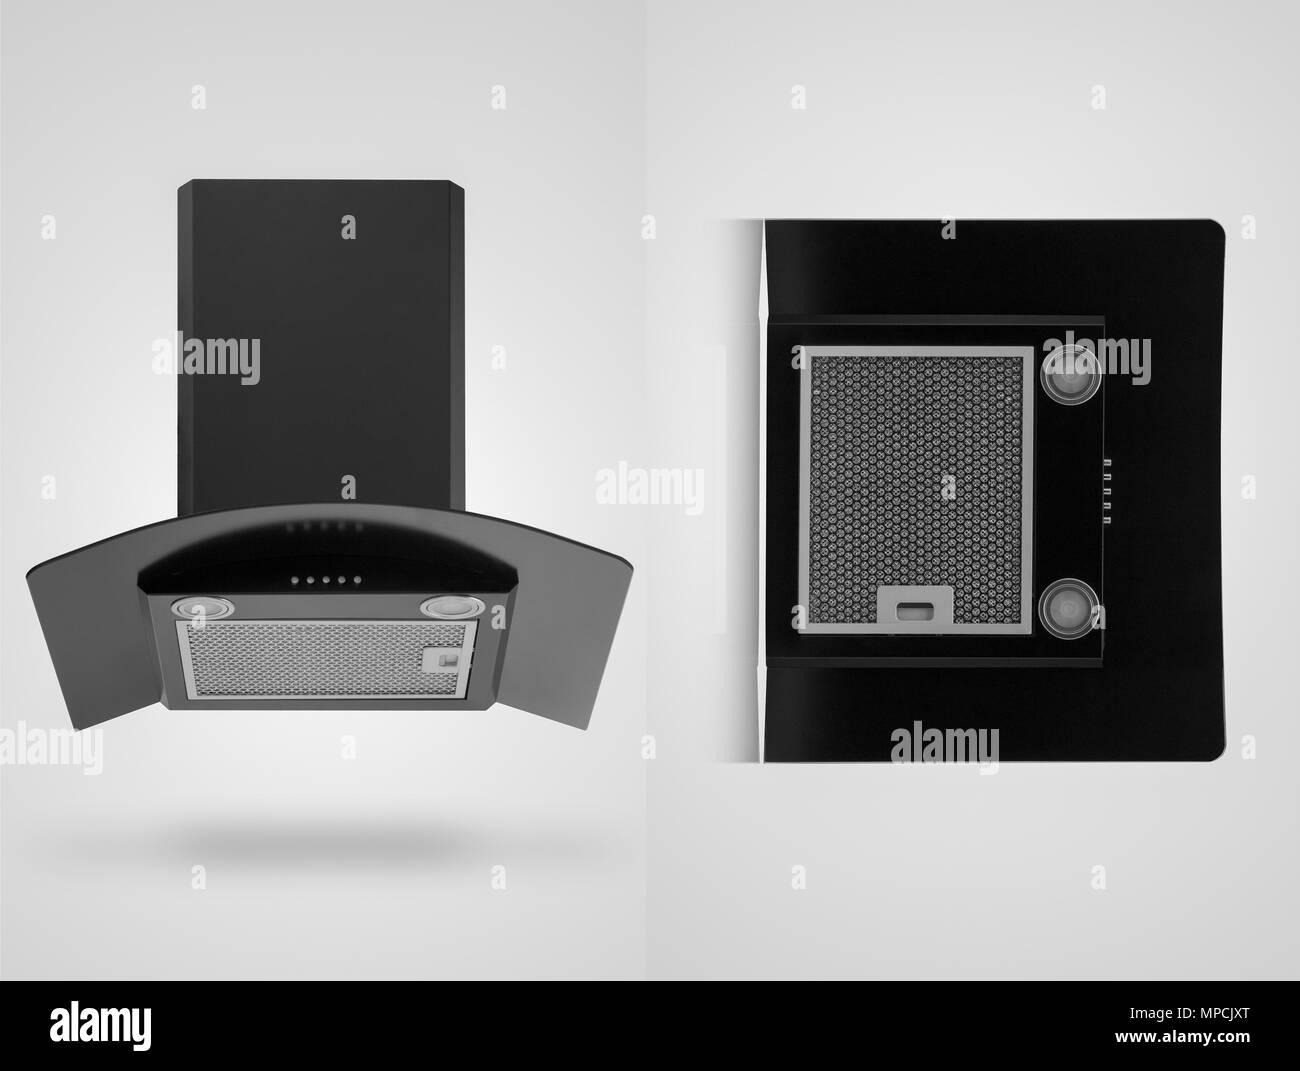 Nera cappa da cucina in due angoli su uno sfondo bianco. isolato